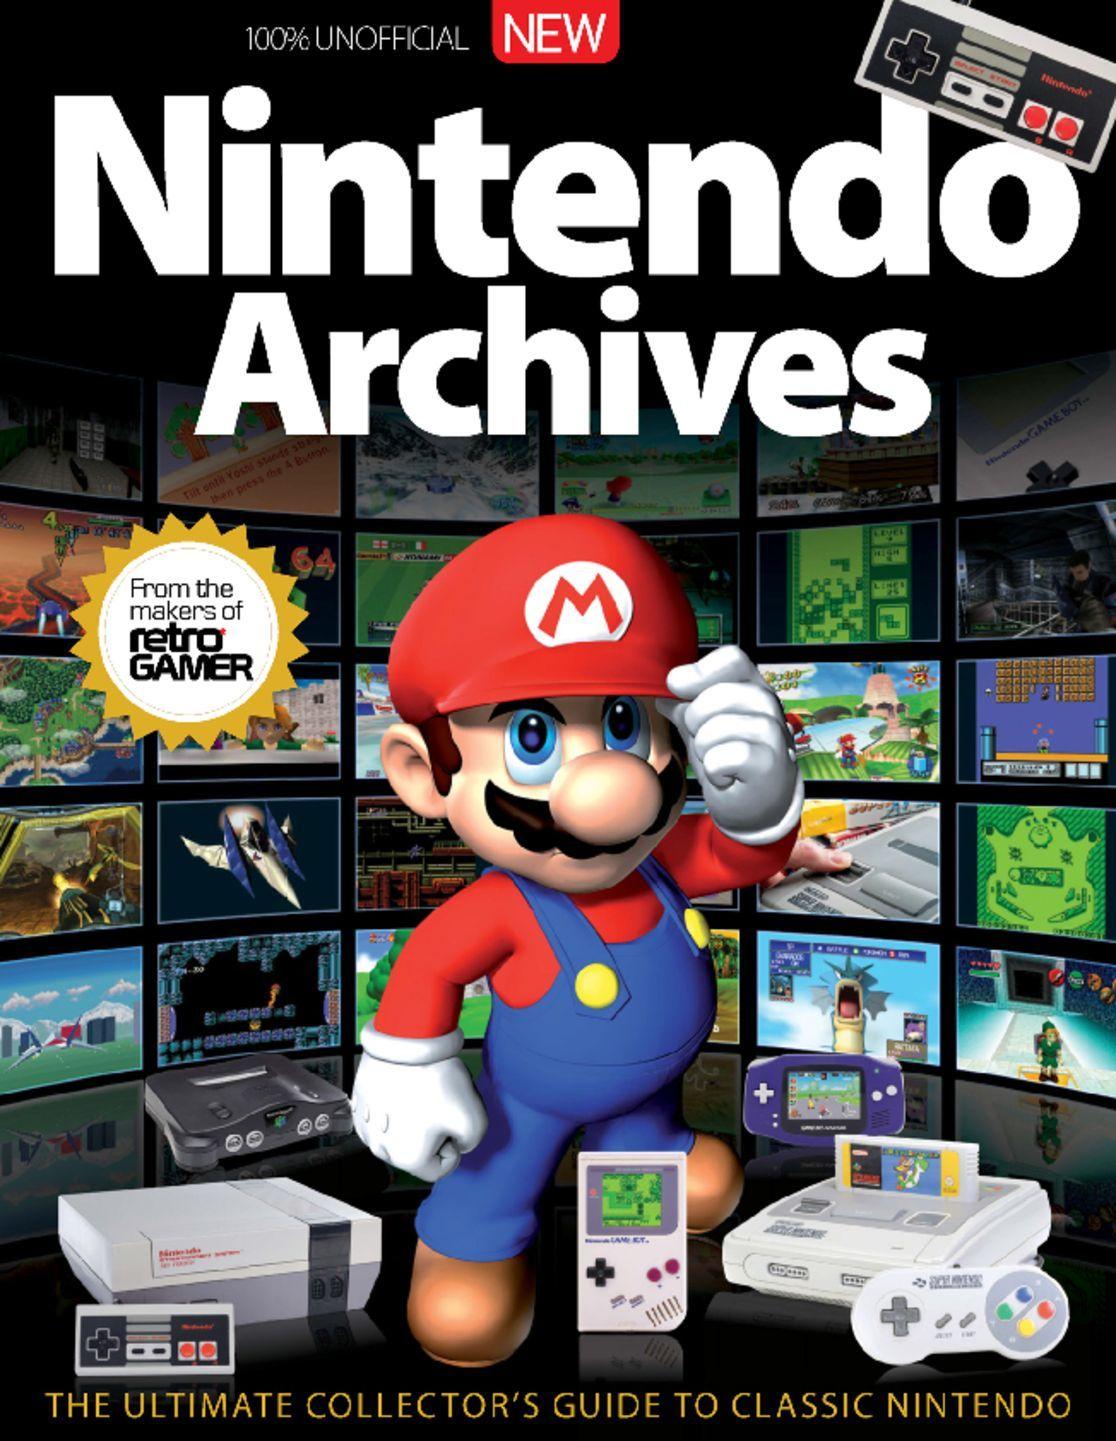 Nintendo Archives Digital